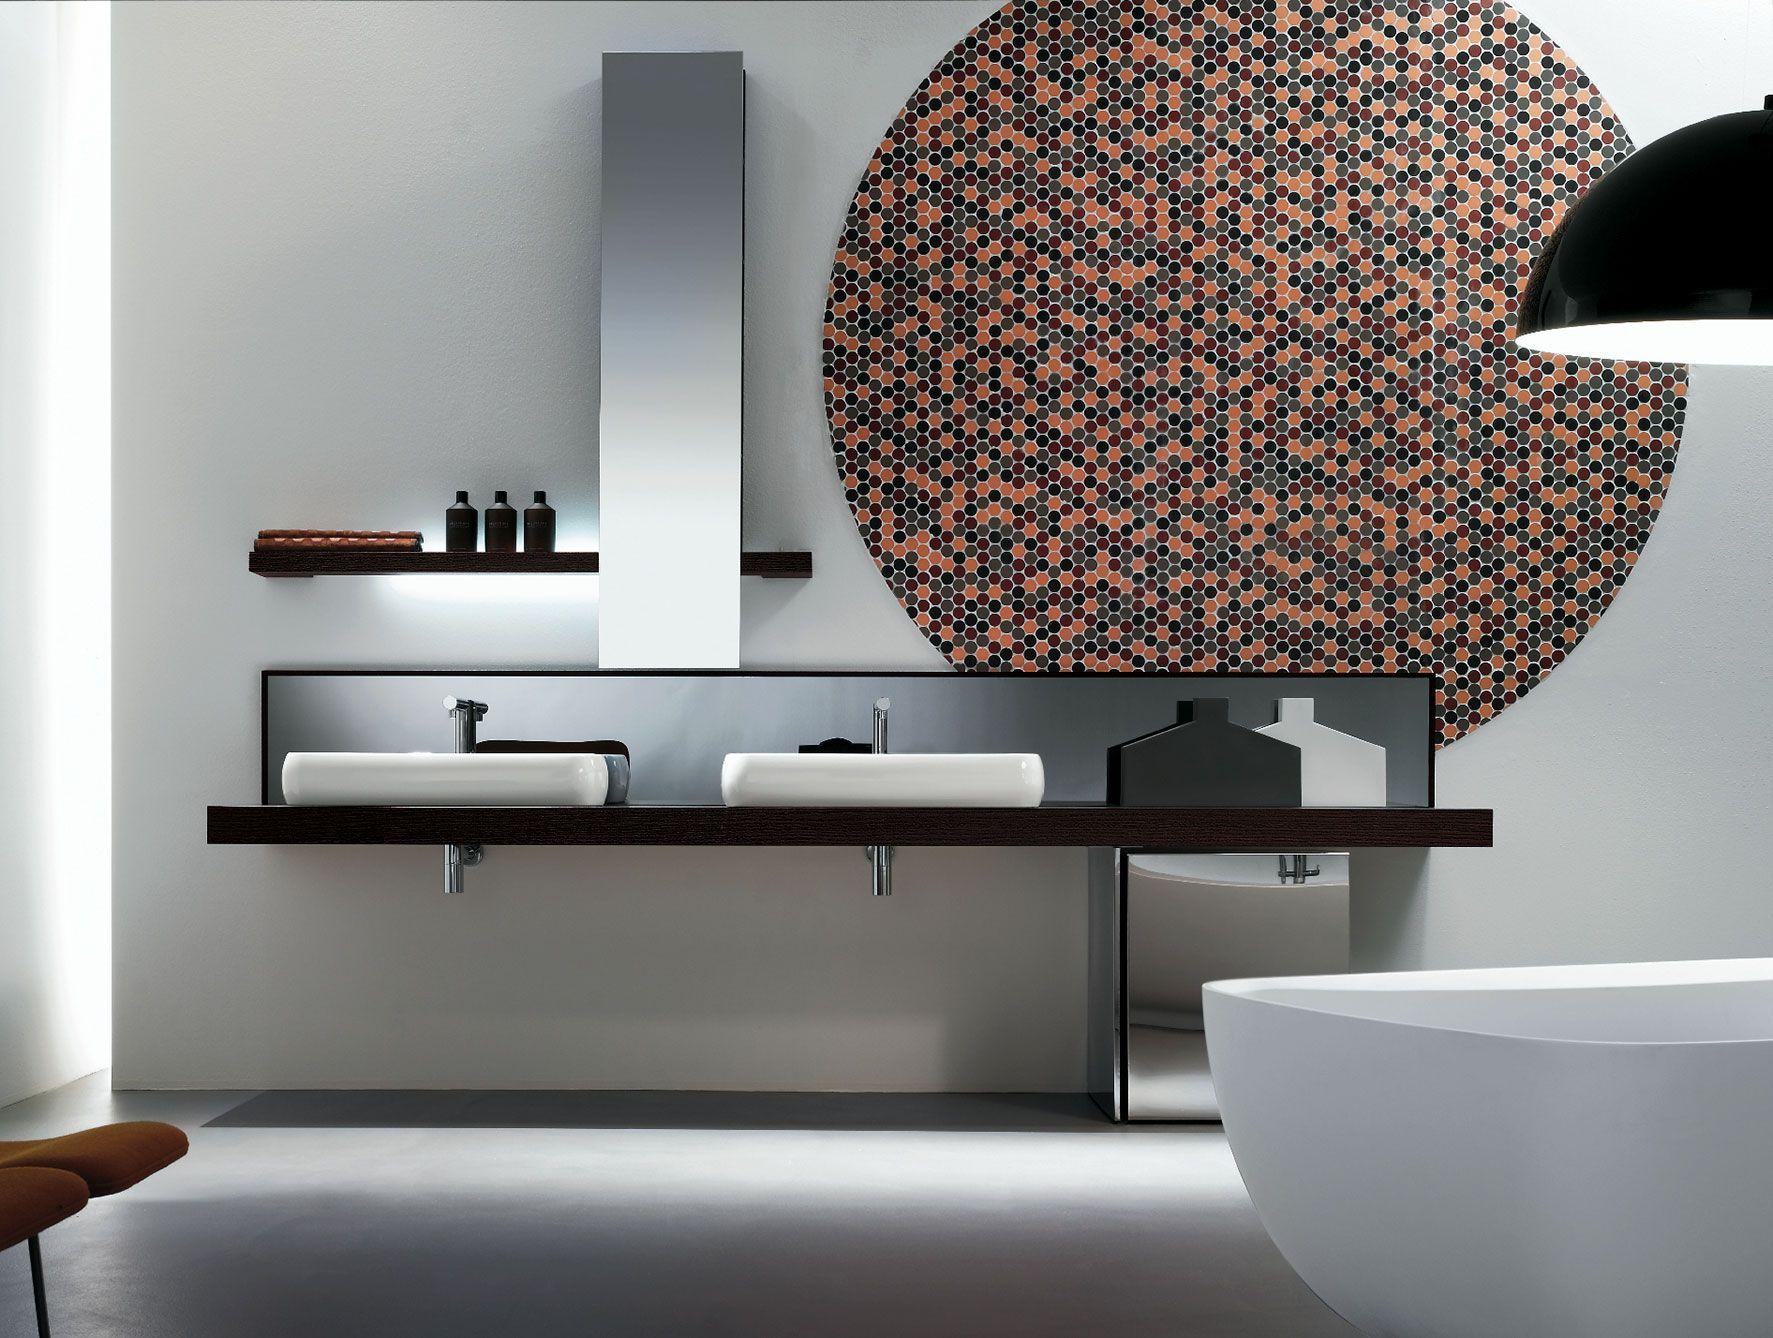 Suchen Sie Moderne Badezimmer Eitelkeiten Als Wesentlicher Bestandteil Für  Badezimmer #spiegel #kleines #vanities #ideen #design